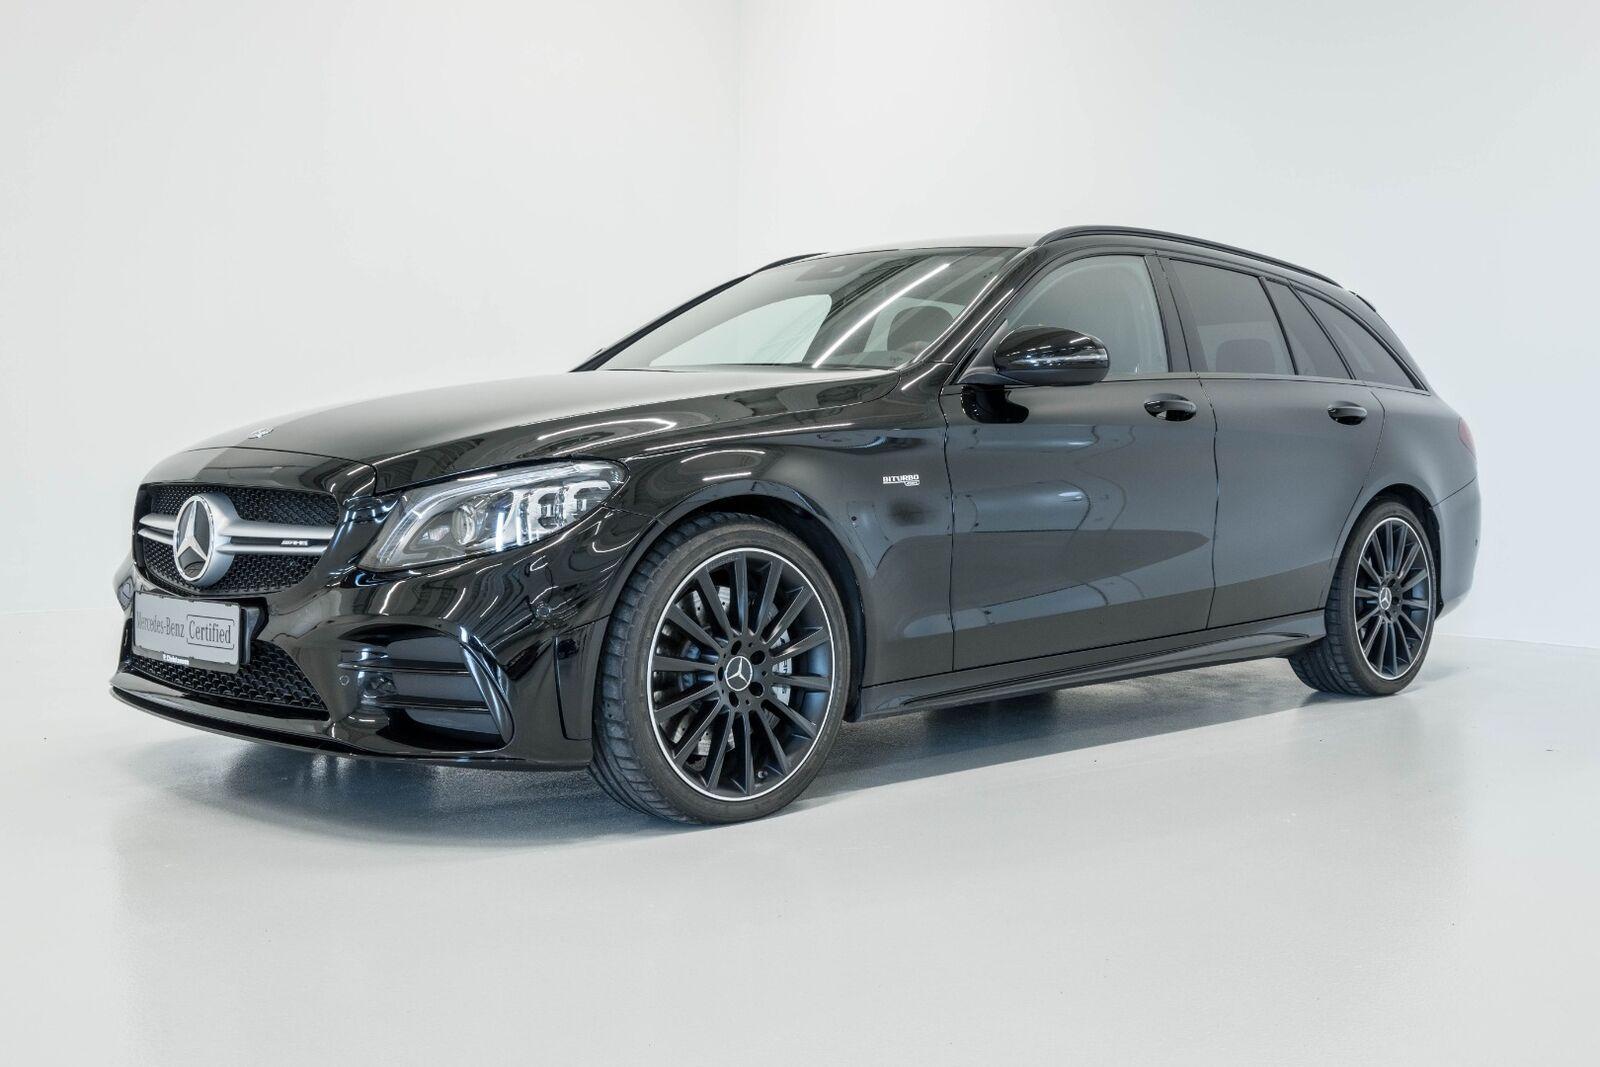 Mercedes C43 3,0 AMG stc. aut. 4-M 5d - 879.900 kr.